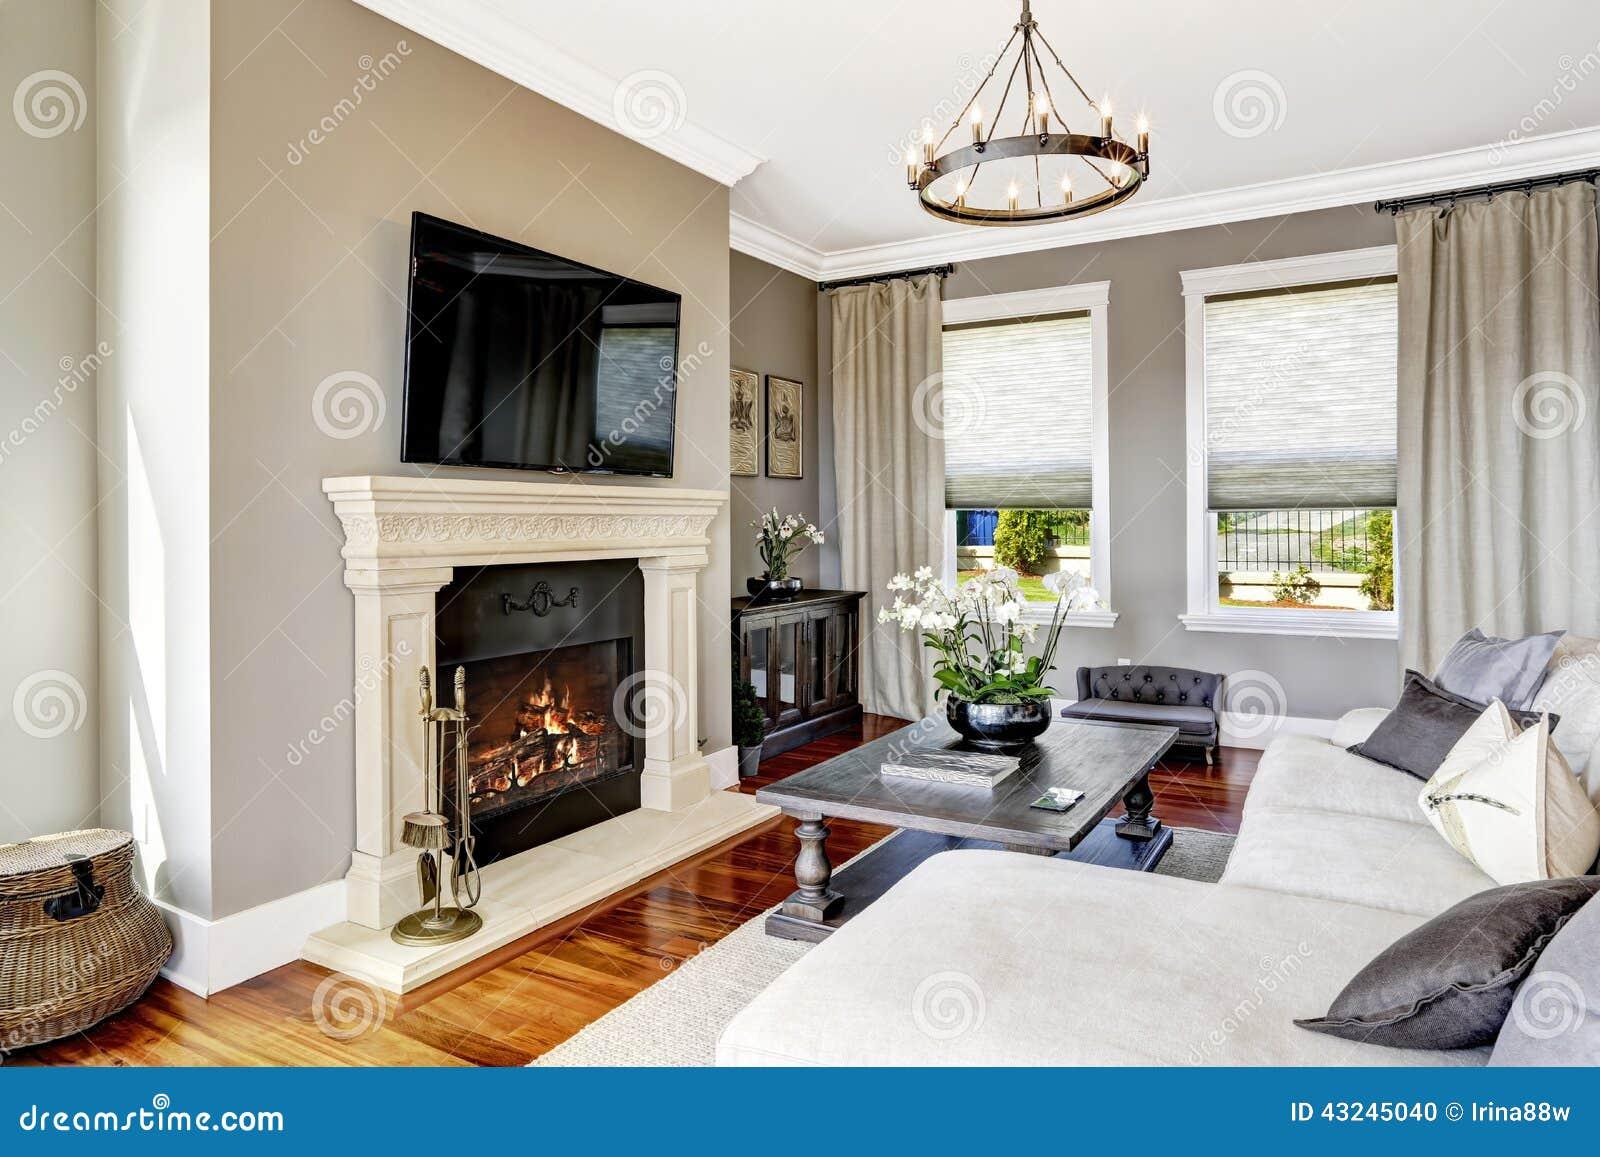 Disegno prospettico casa di lusso idee creative di for Progetti di casa di lusso